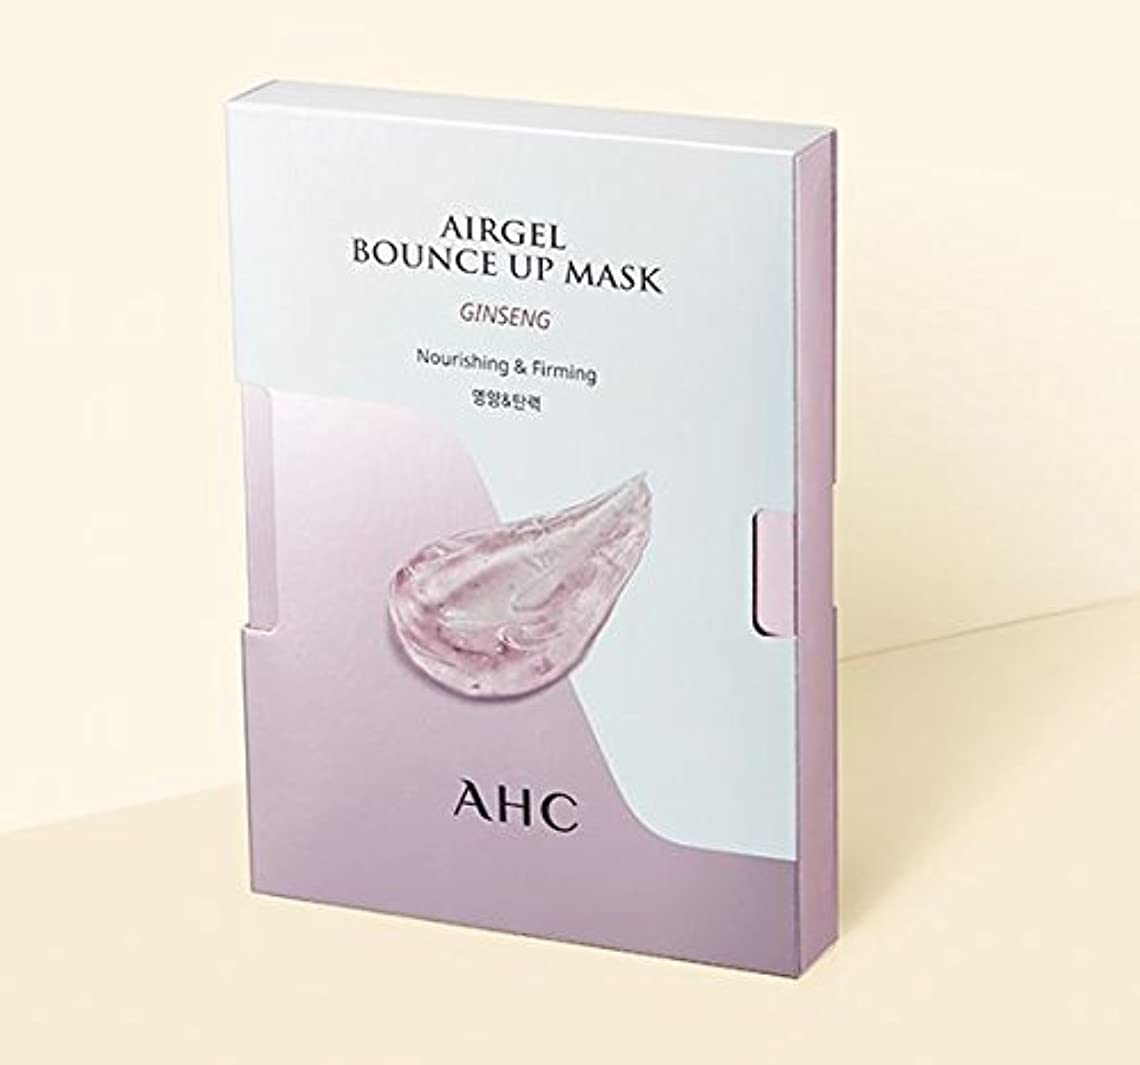 承知しましたページェント密輸[A.H.C] Airgel Bounce Up Mask GINSENG (Nourishing&Firming)30g*5sheet/ジンセンエアゲルマスク30g*5枚 [並行輸入品]